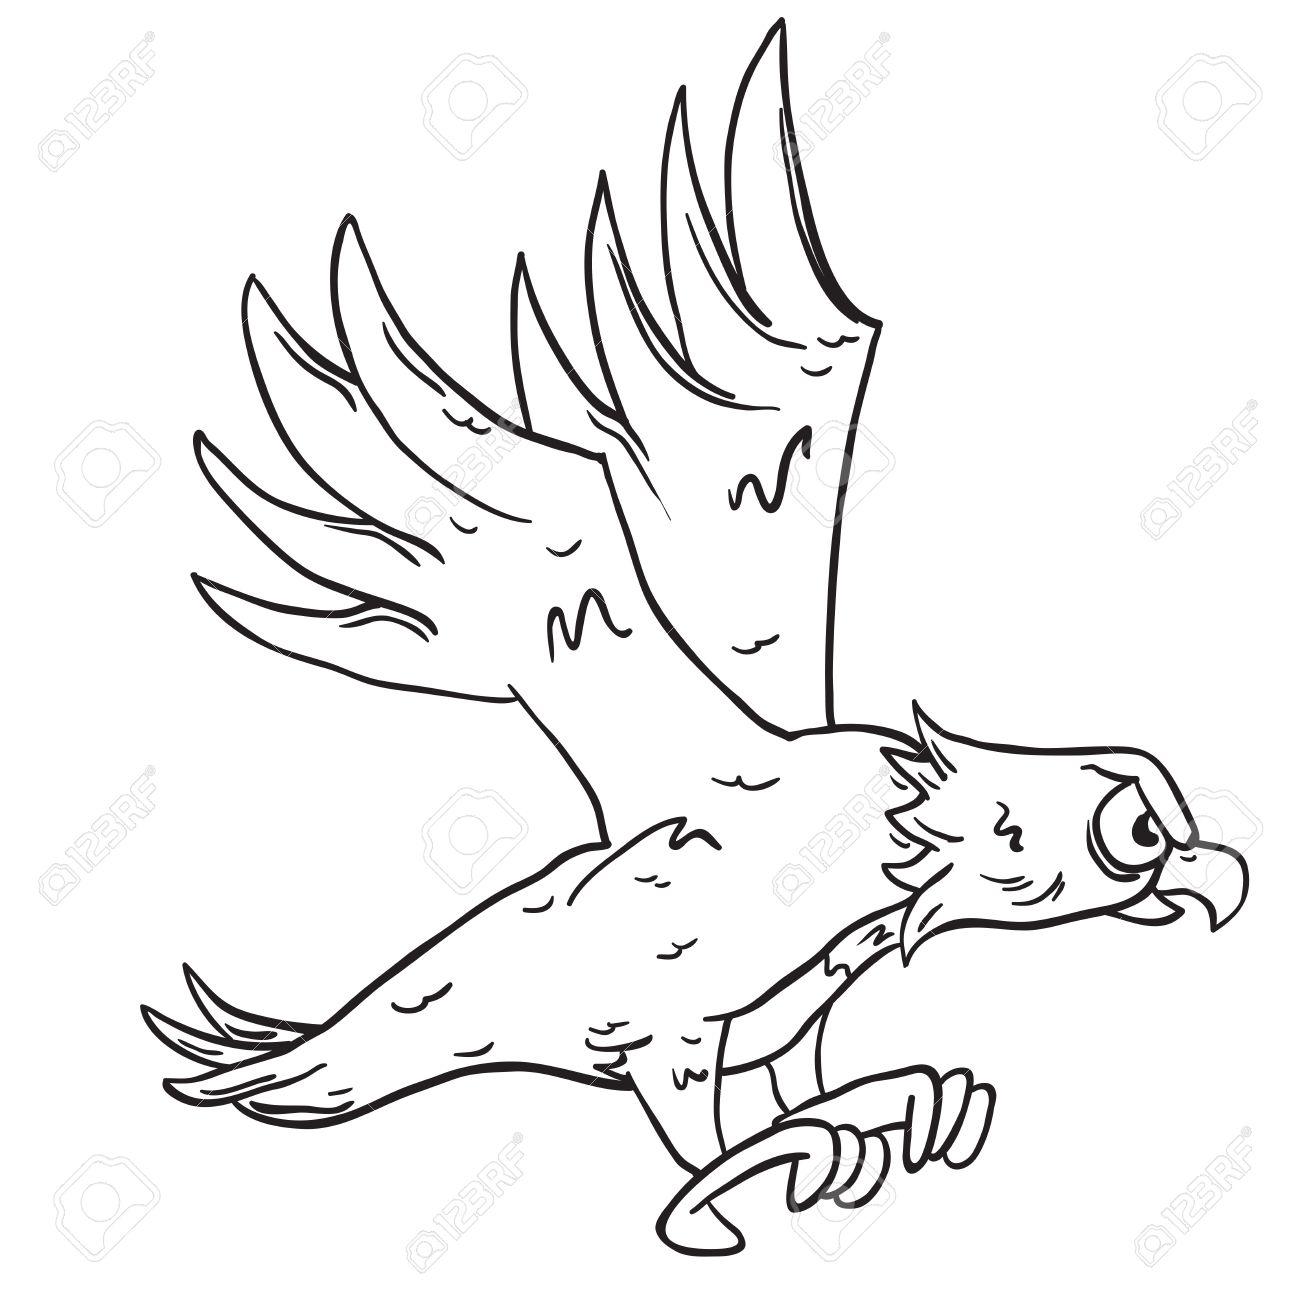 Banque dimages simple dessin animé aigle noir et blanc